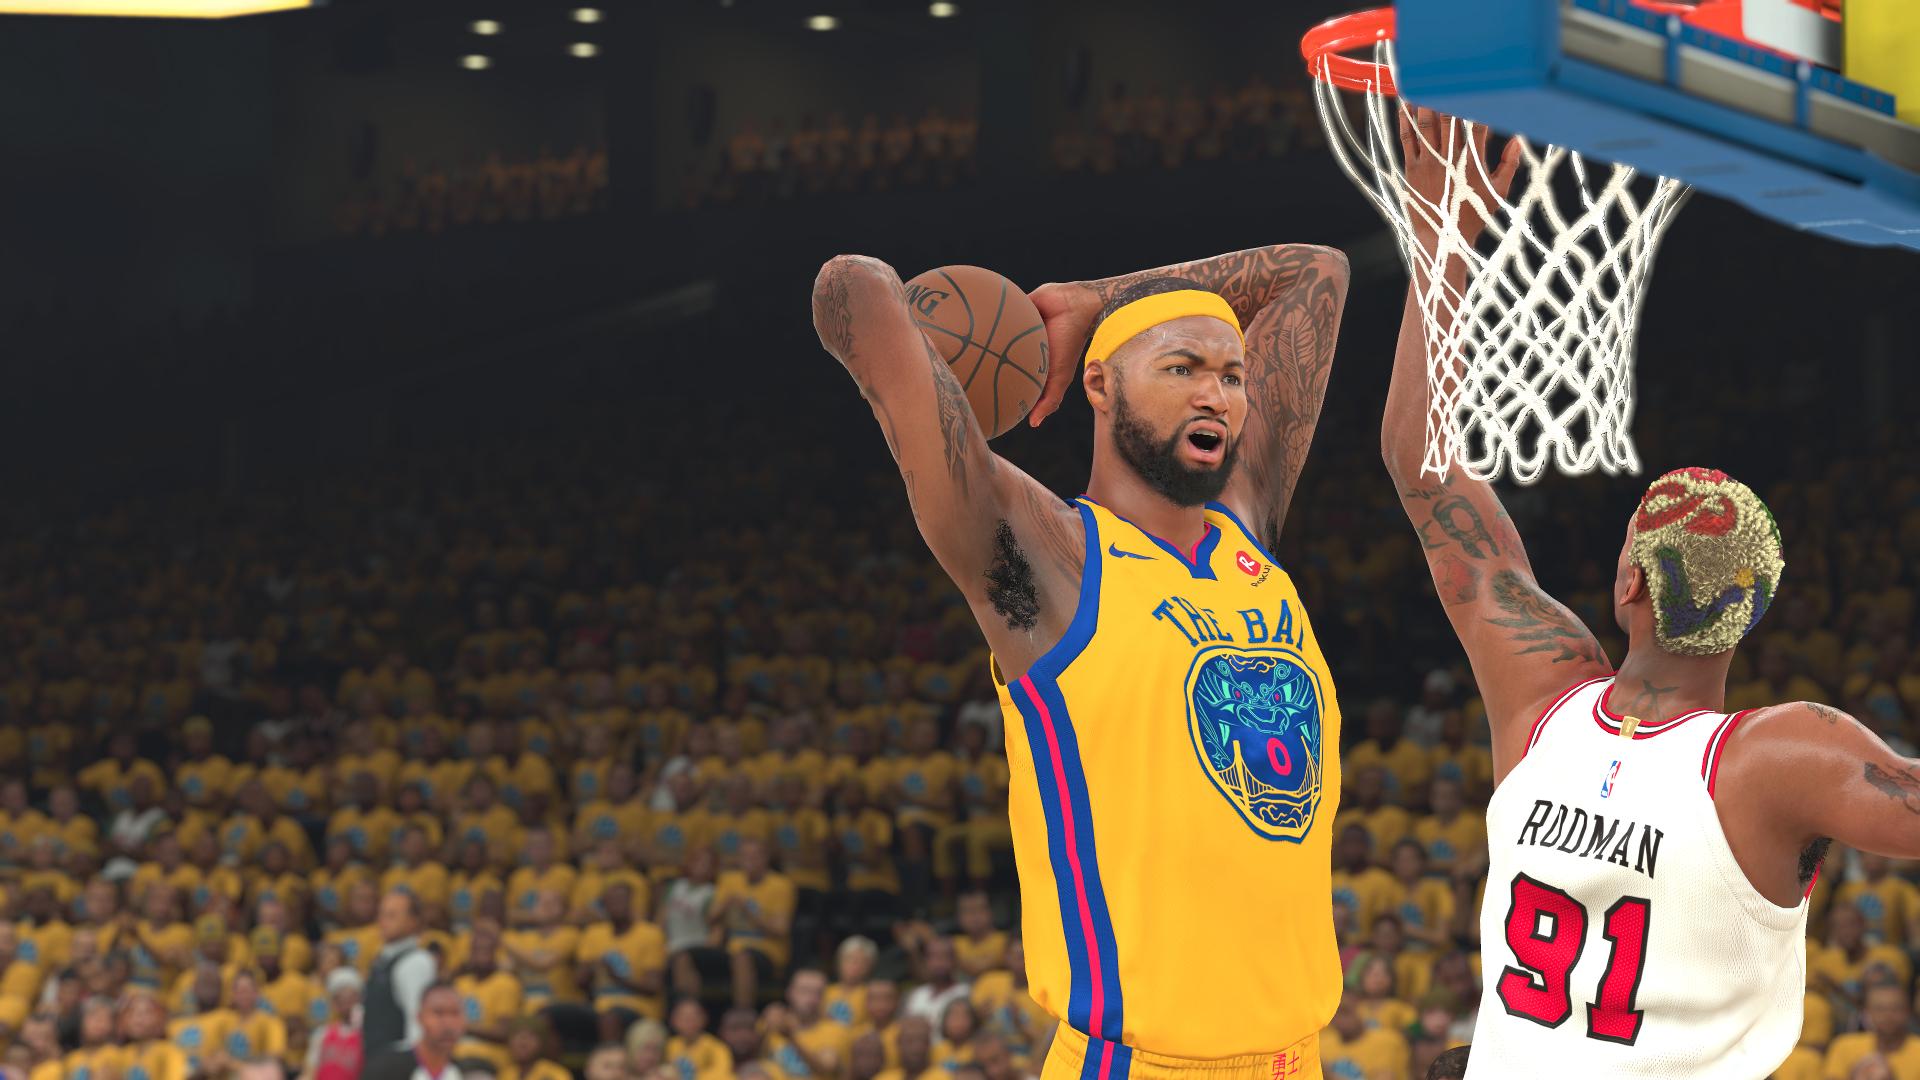 NBA 2K DeMarcus Cousins Golden State Warriors